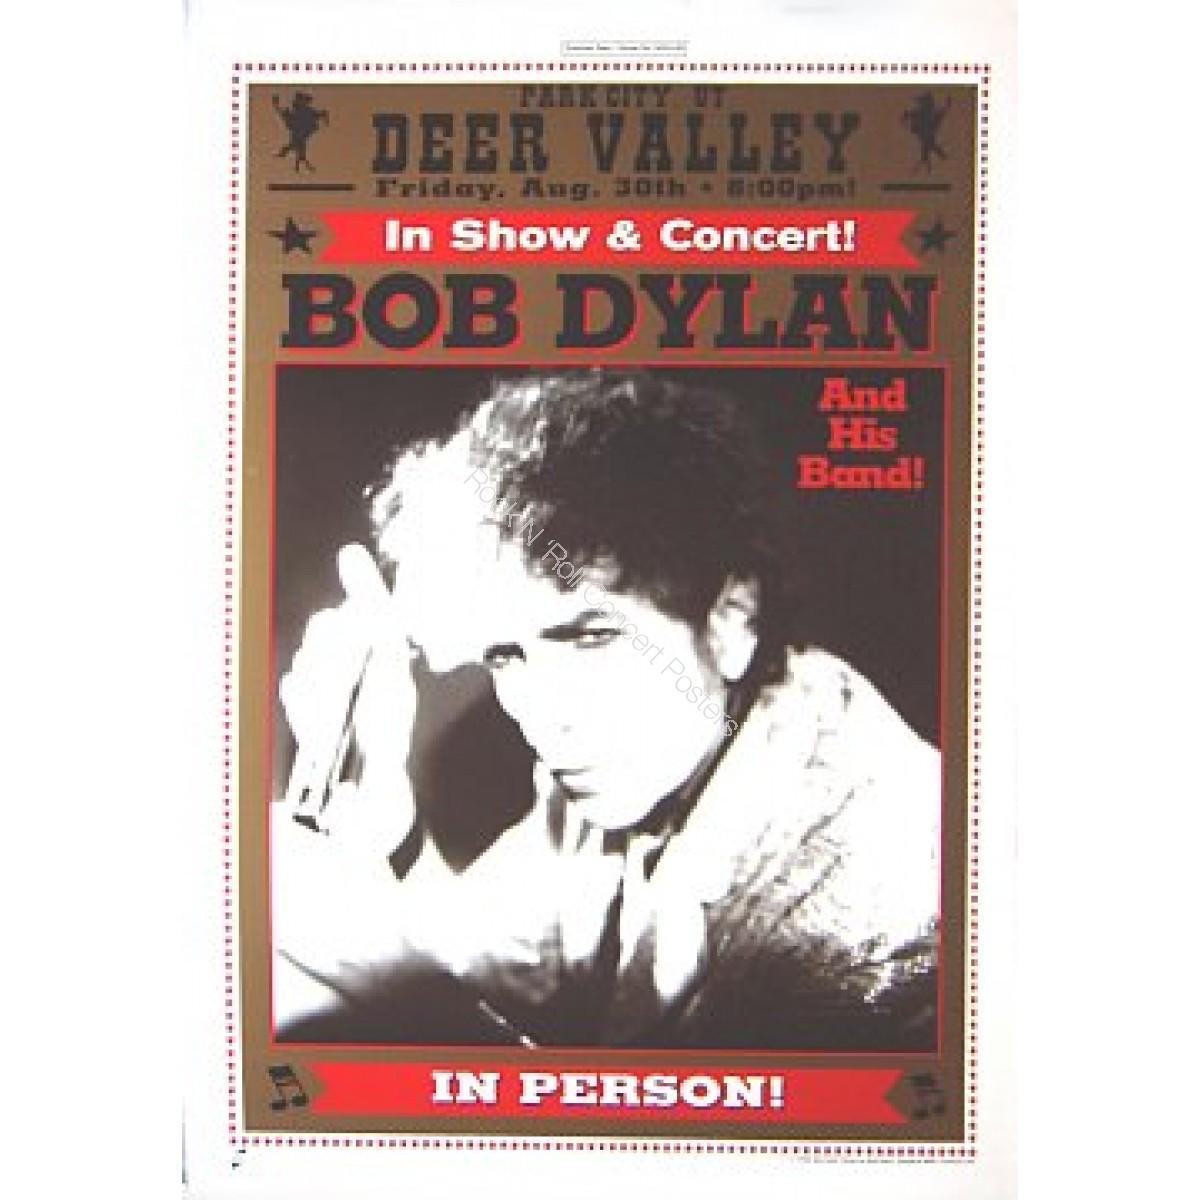 Bob Dylan & His Band Deer Valley, Park City Utah